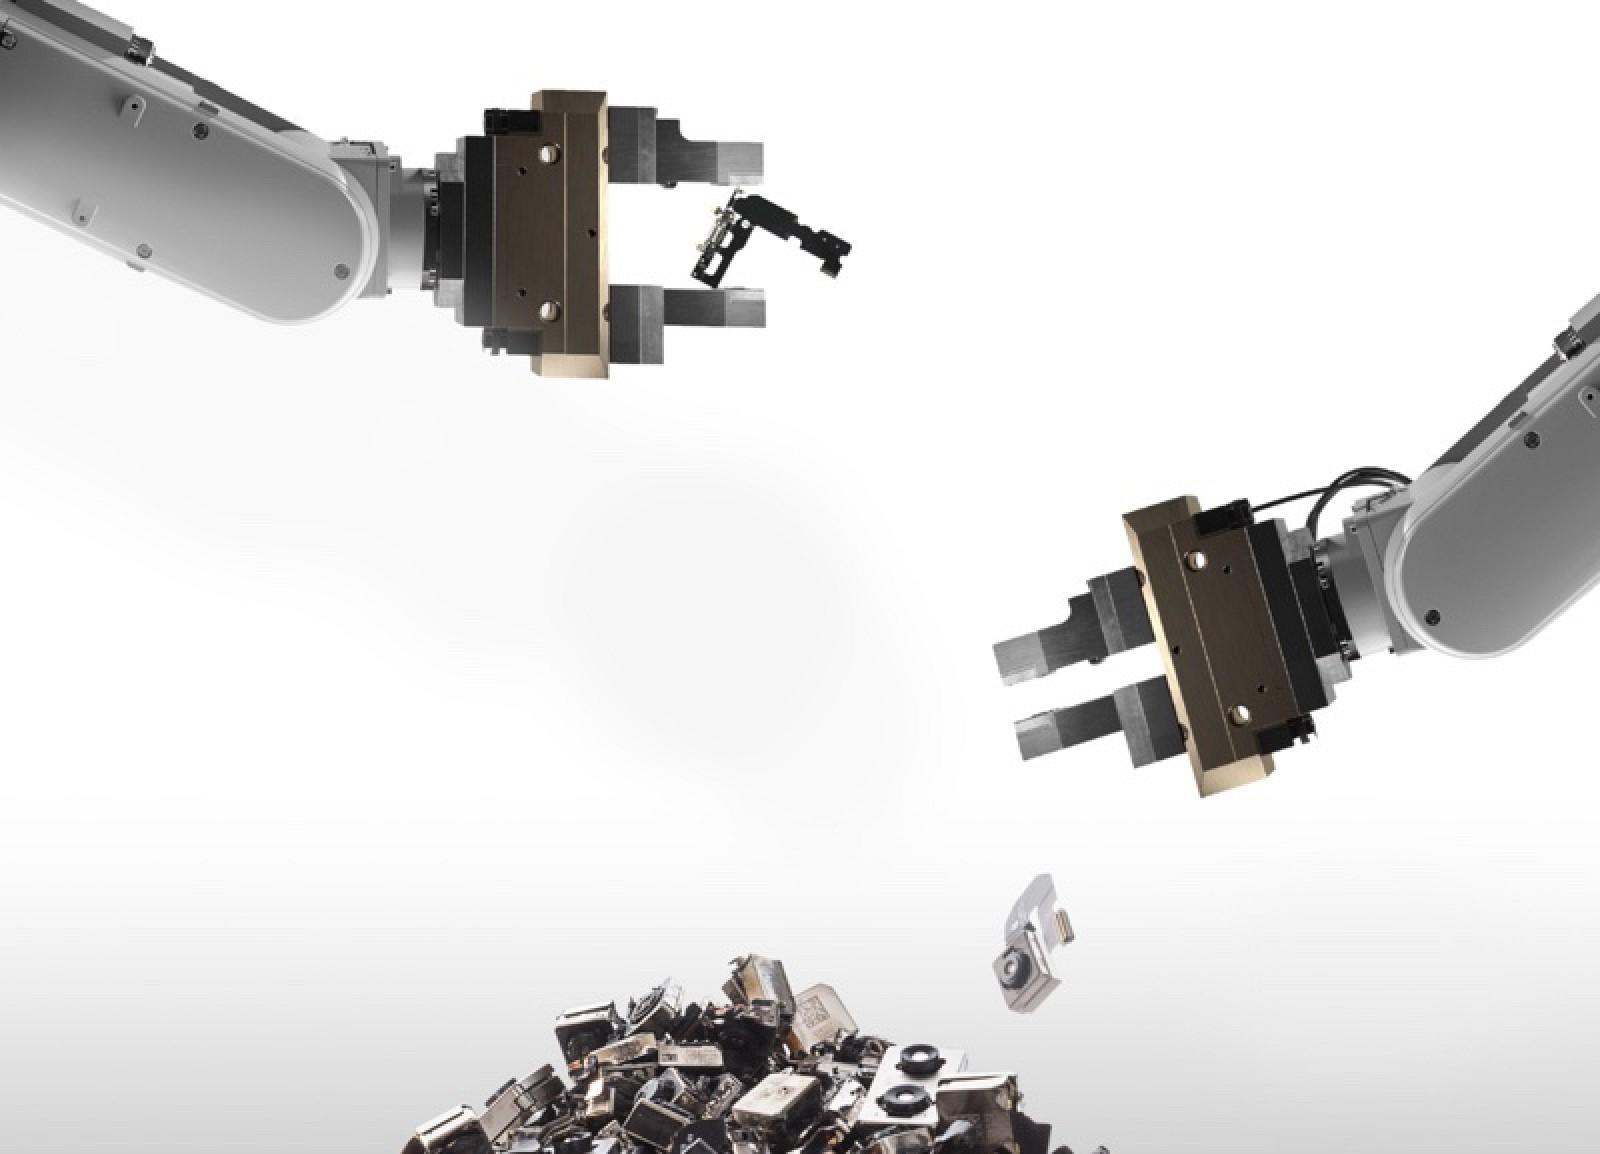 Apple dice que Taptic Engine en iPhone 11 y iPhone 11 Pro está hecho de elementos 100% reciclados de tierras raras